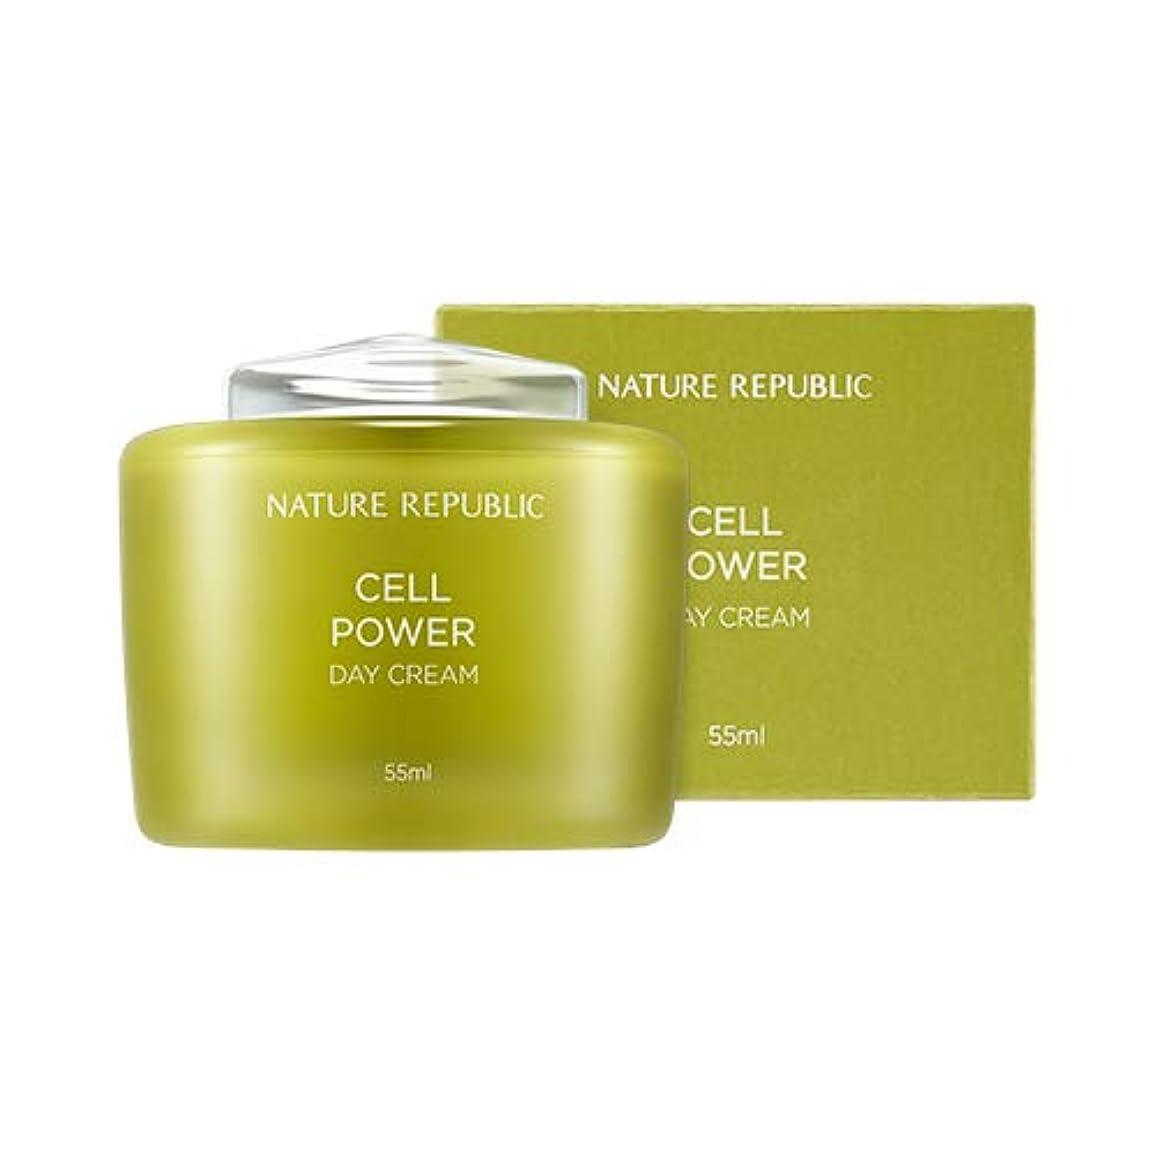 着飾る仲良しビジョンNATURE REPUBLIC Cell Power Day Cream/ネイチャーリパブリック セルパワー デイクリーム 55ml [並行輸入品]